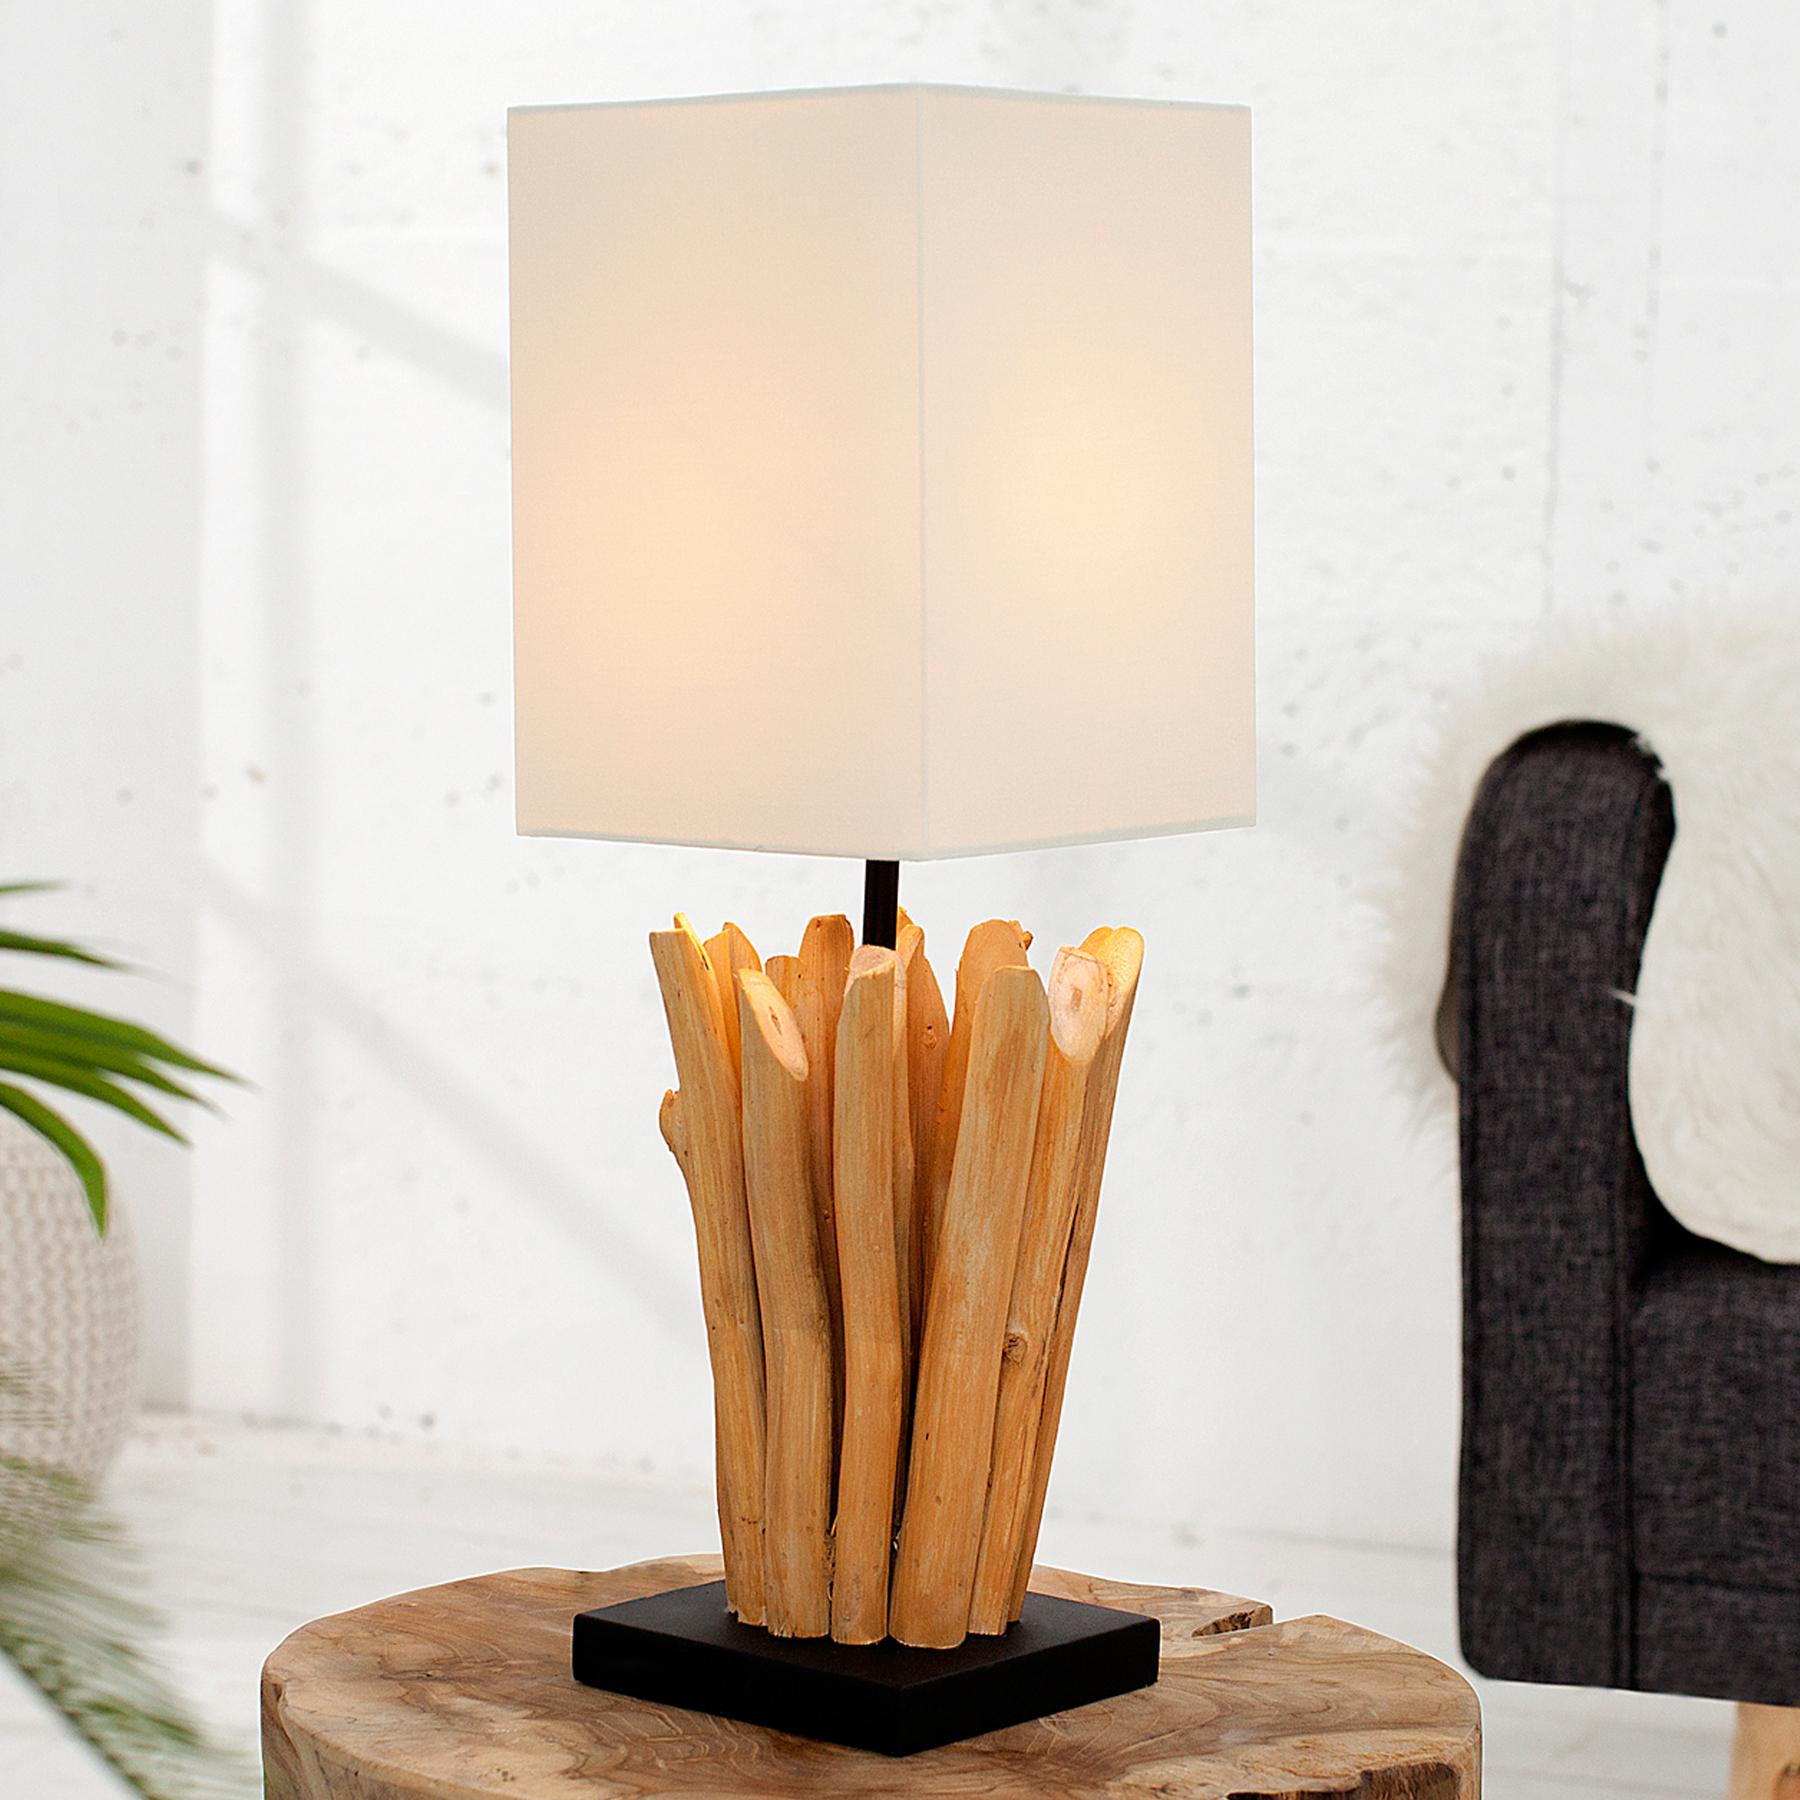 Leuchten Leuchtmittel Handgearbeitete Tischlampe Riverine 80cm Beige Holz Tischleuchte Wohnzimmerlampe Kabtel Mk